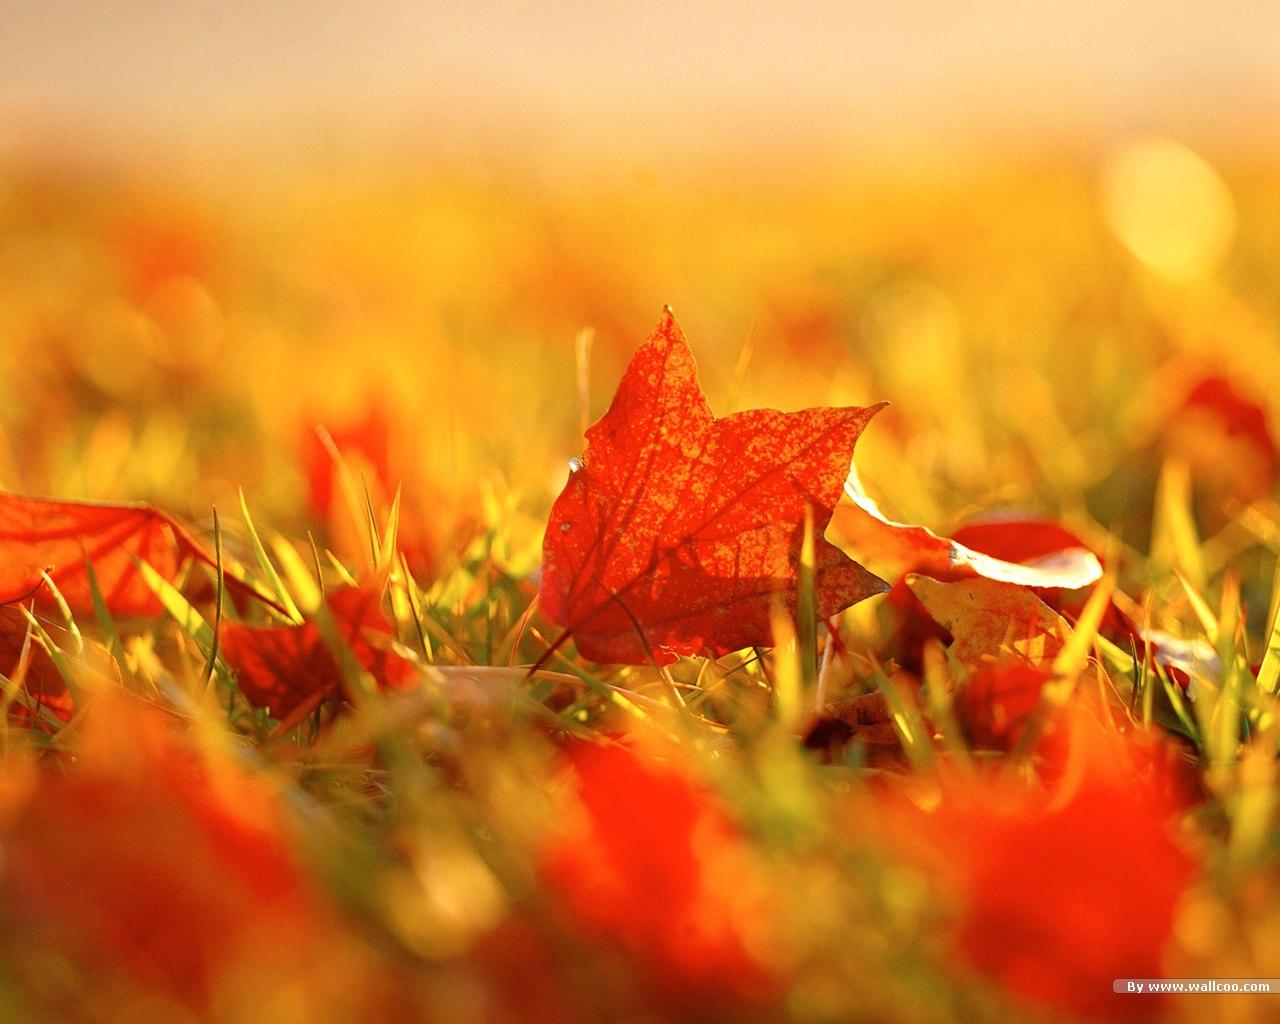 осенний листопад, скачать фото, обои для рабочего стола, листья, обои для рабочего стола